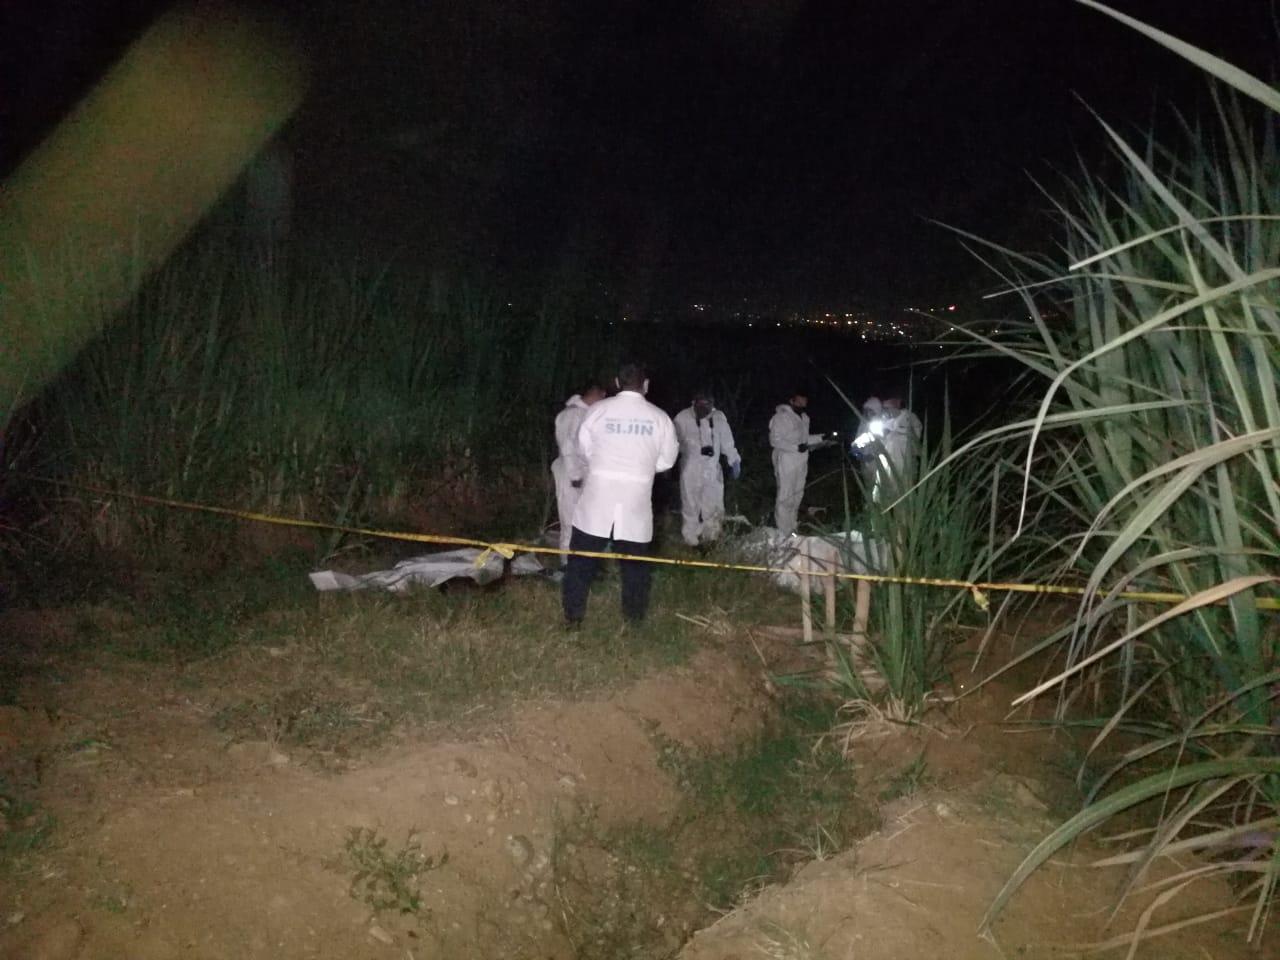 Uno degollado y tiros de gracias, mascare en Cali: conmoción en el país por el asesinato de cinco jóvenes en Cali